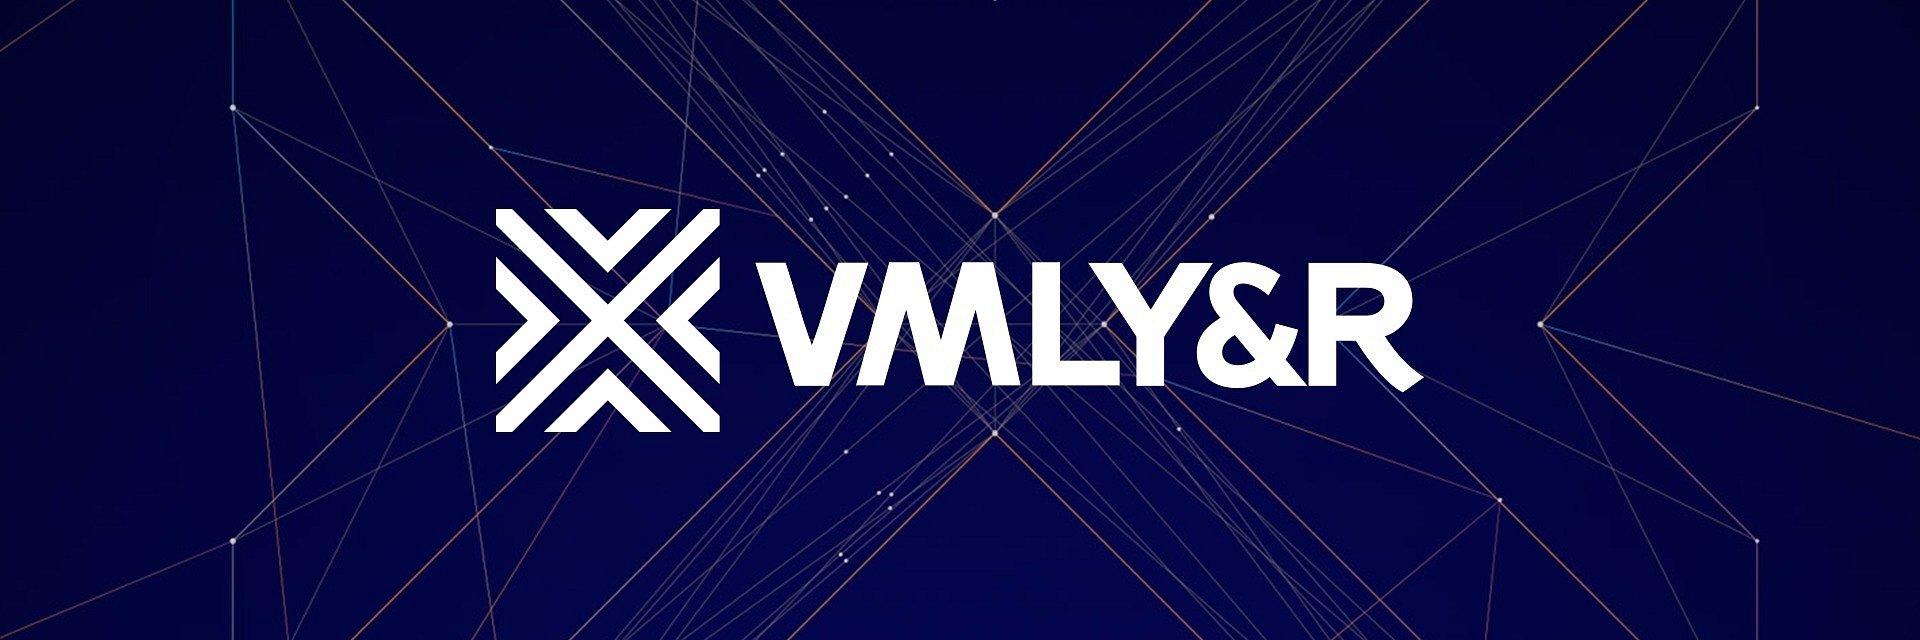 Agencja VMLY&R Poland wdrożyła model pracy zdalnej